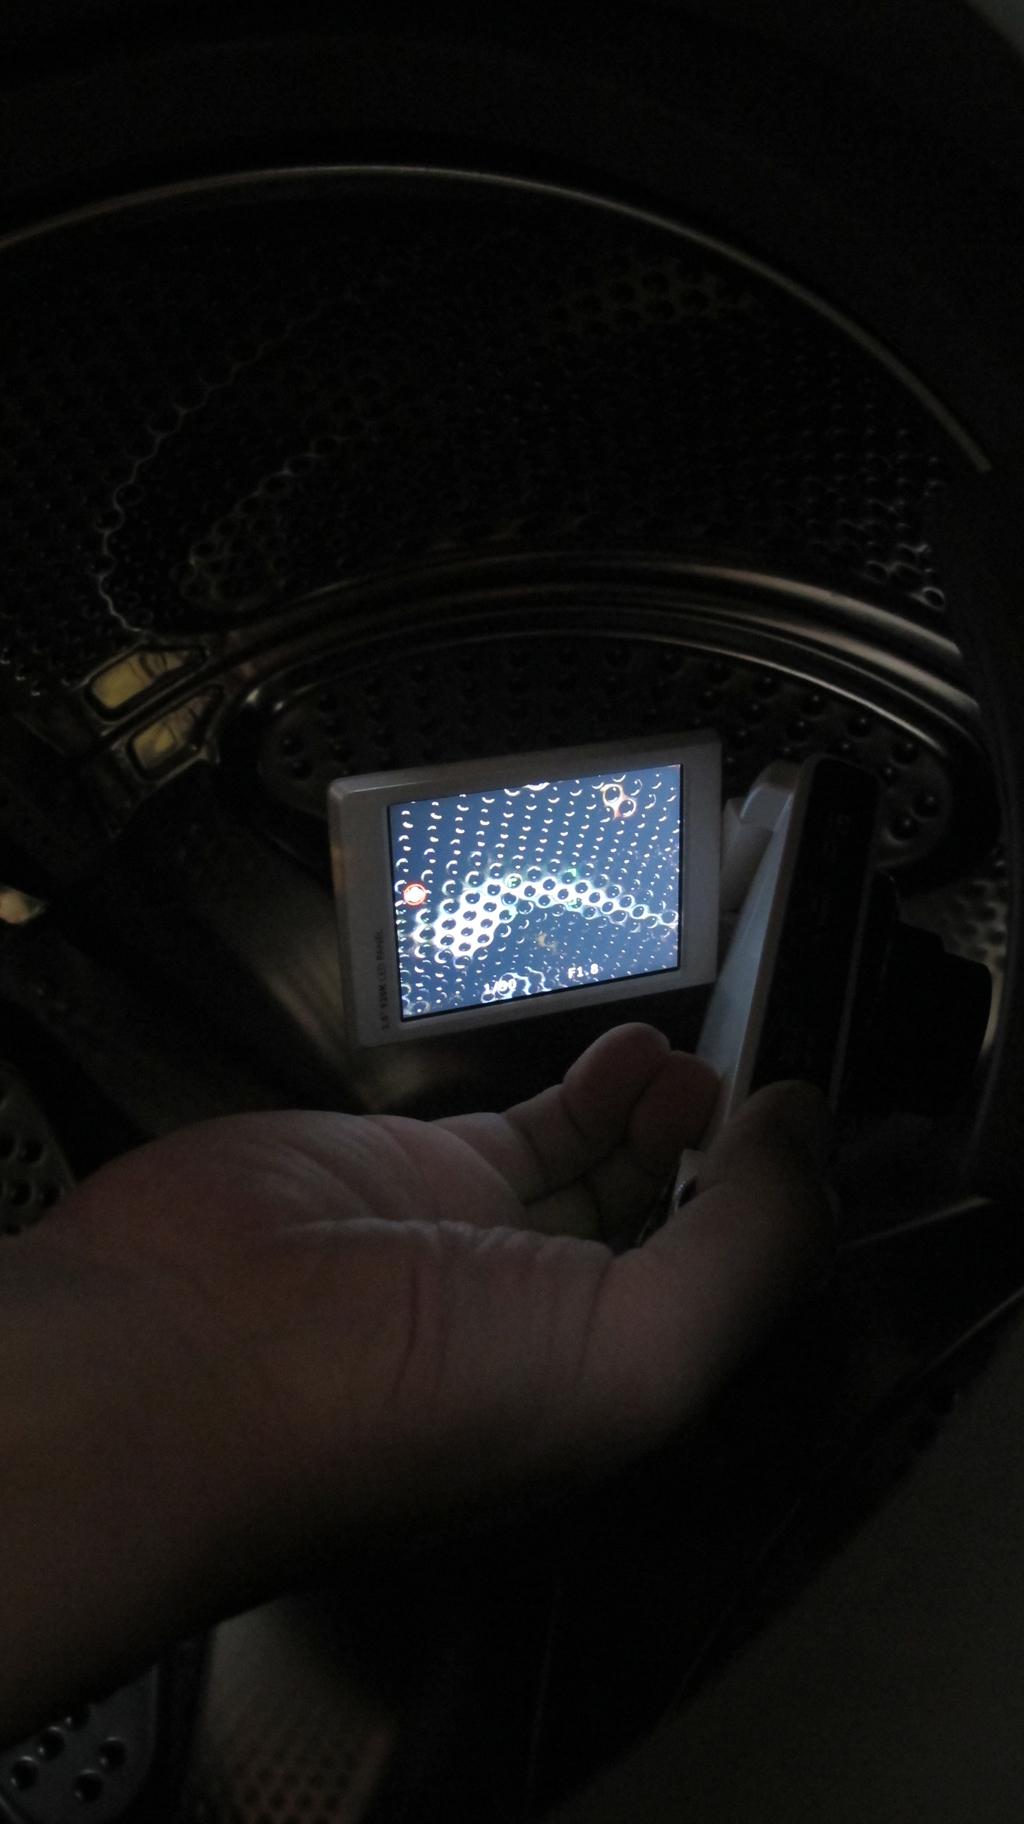 G1实拍图 - 滚筒洗衣机内壁